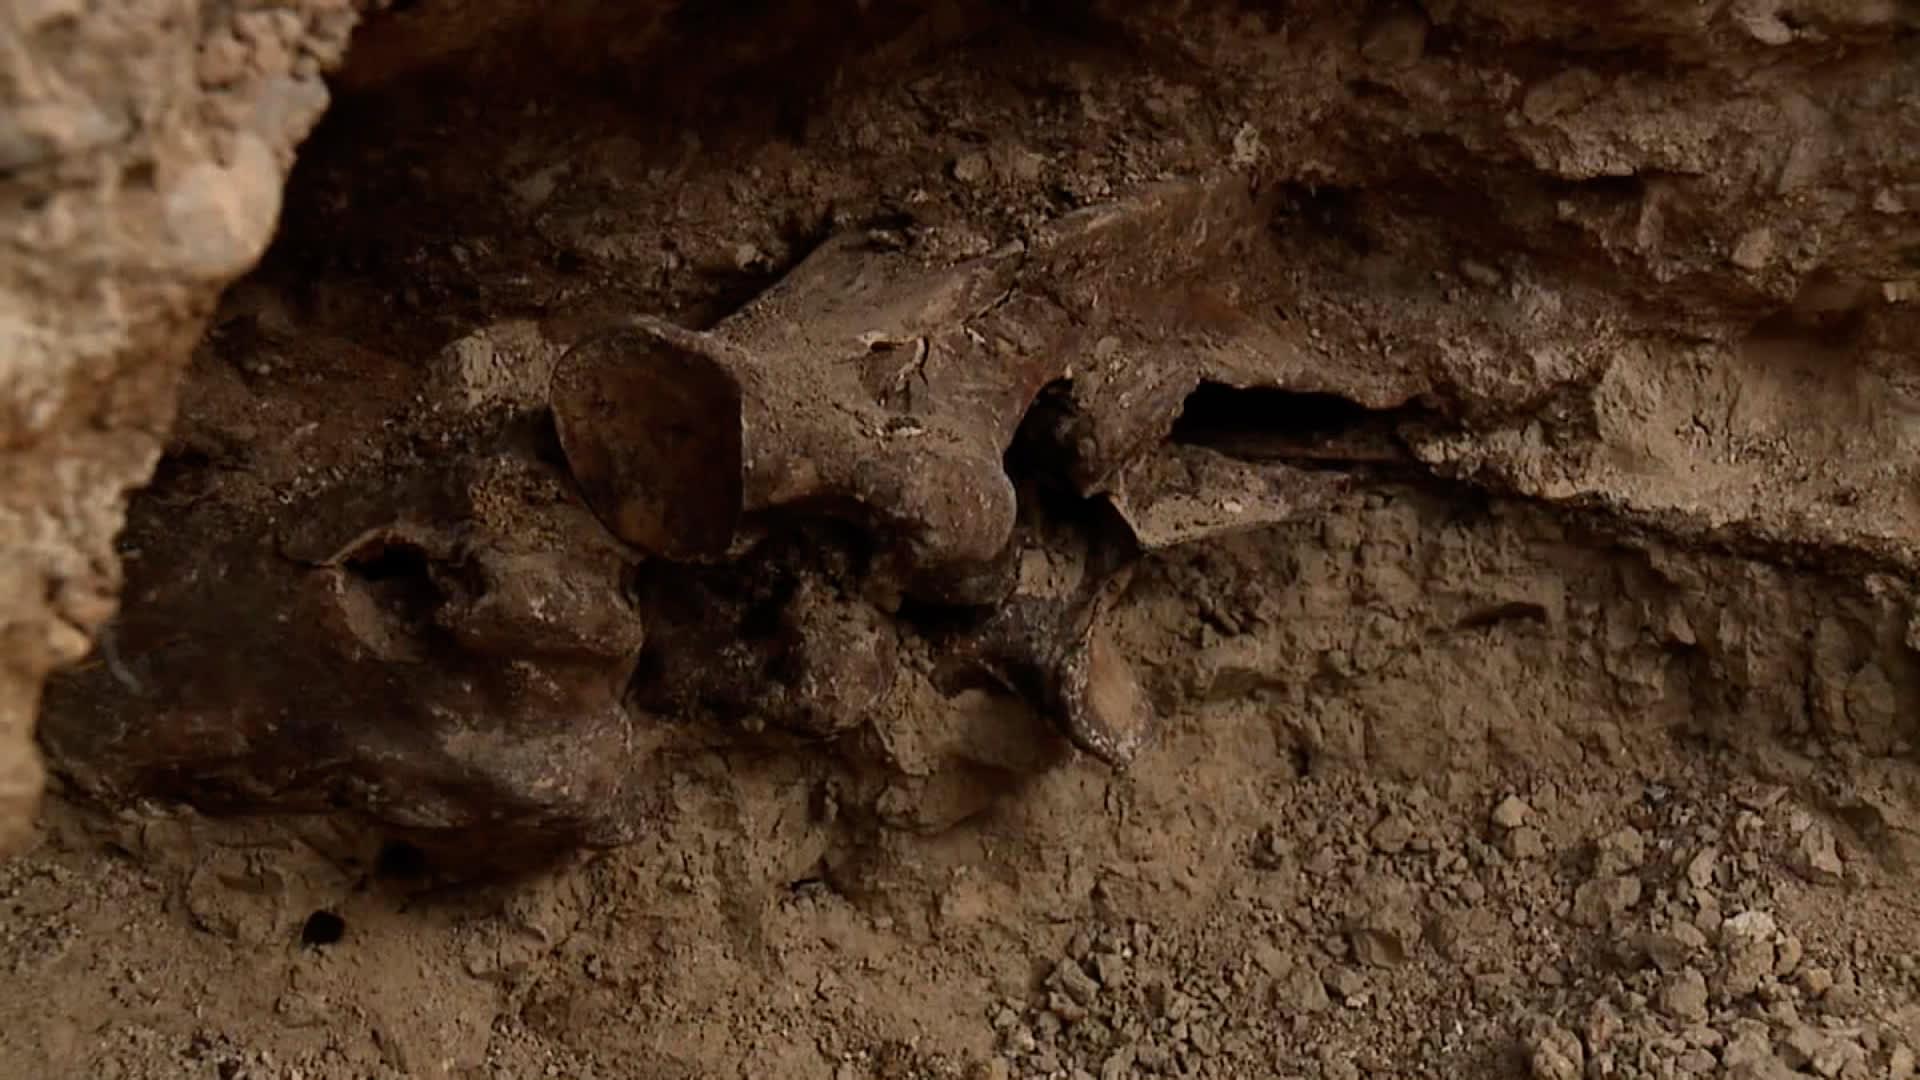 اكتشاف لأحفورة من العصر الجليدي يحول مسبح جديد لثنائي بأمريكا إلى موقع حفر